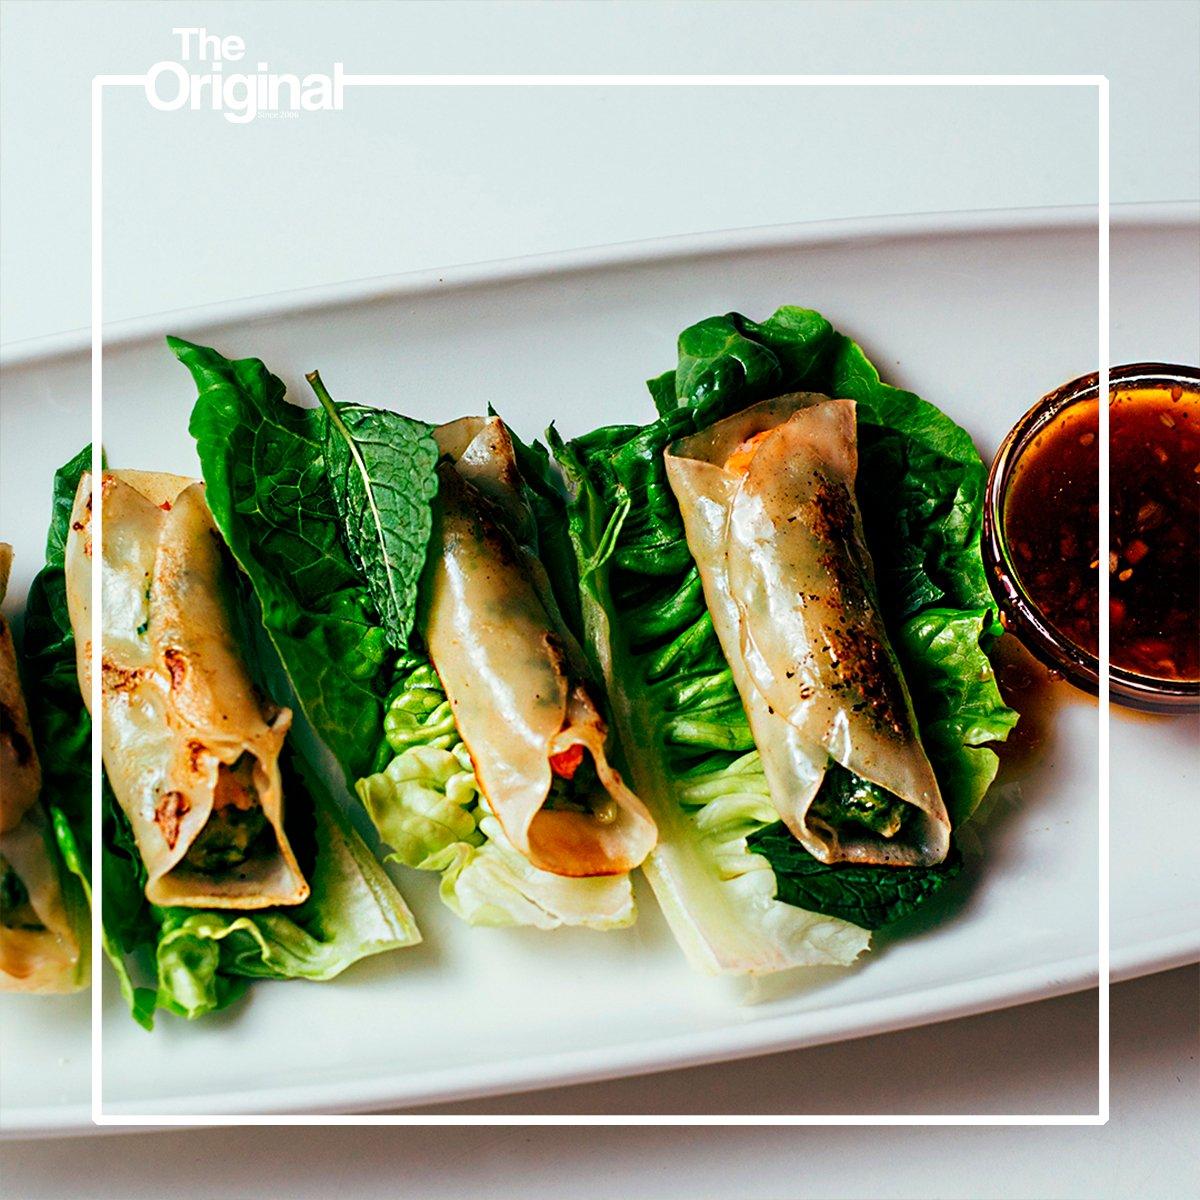 También tenemos entrantes más ligeritos y saludables. ¿Ya conoces nuestros rollitos vietnamitas de langostinos y verduras 🌿?   #HomeBurgerBar #Madrid #Malasaña #ClubSandwich #Realfood #Ponzaning #Foodies